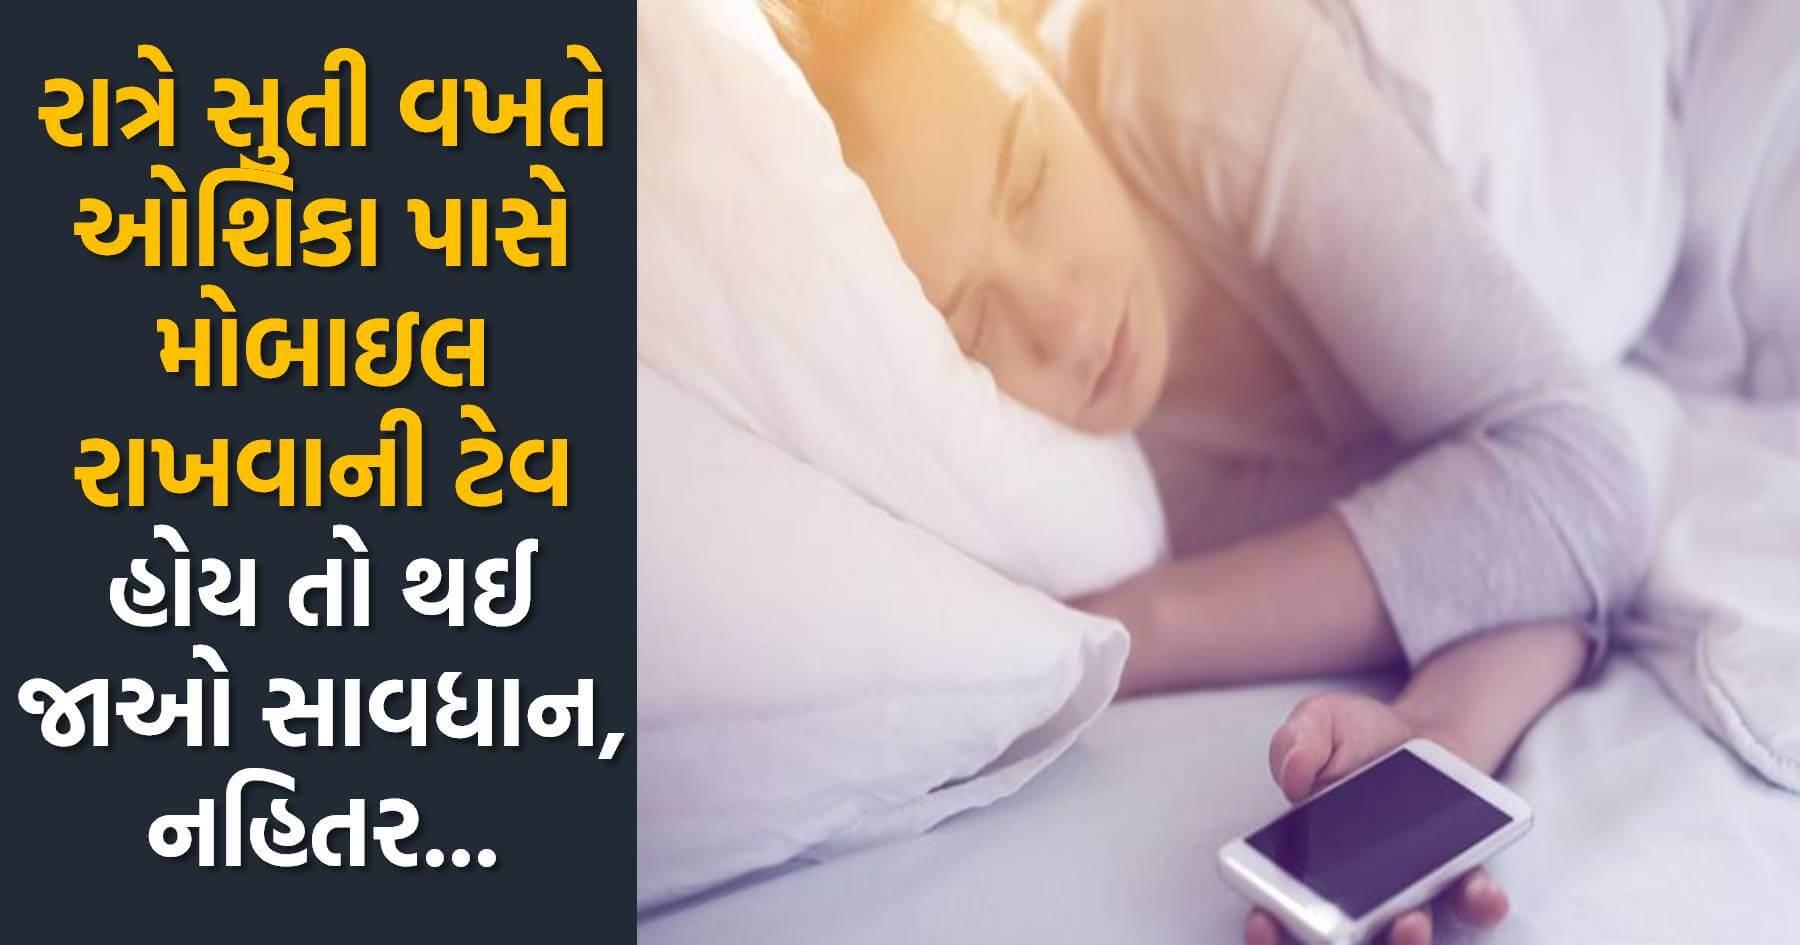 क्या फोन को तकिया के पास रखते हो ? सावधान